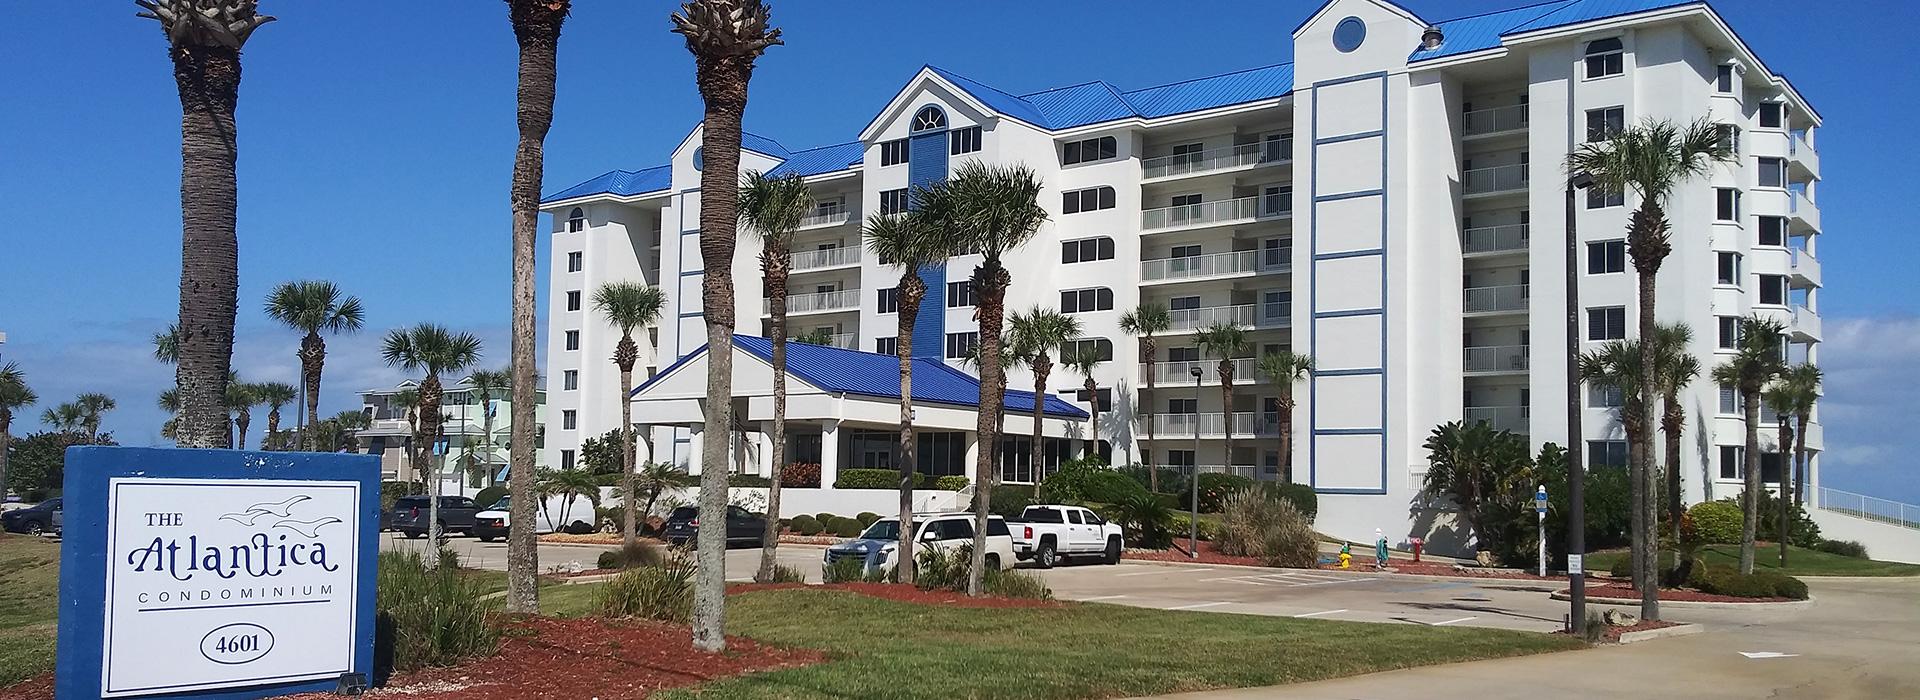 The front of the Atlantica Condominium building